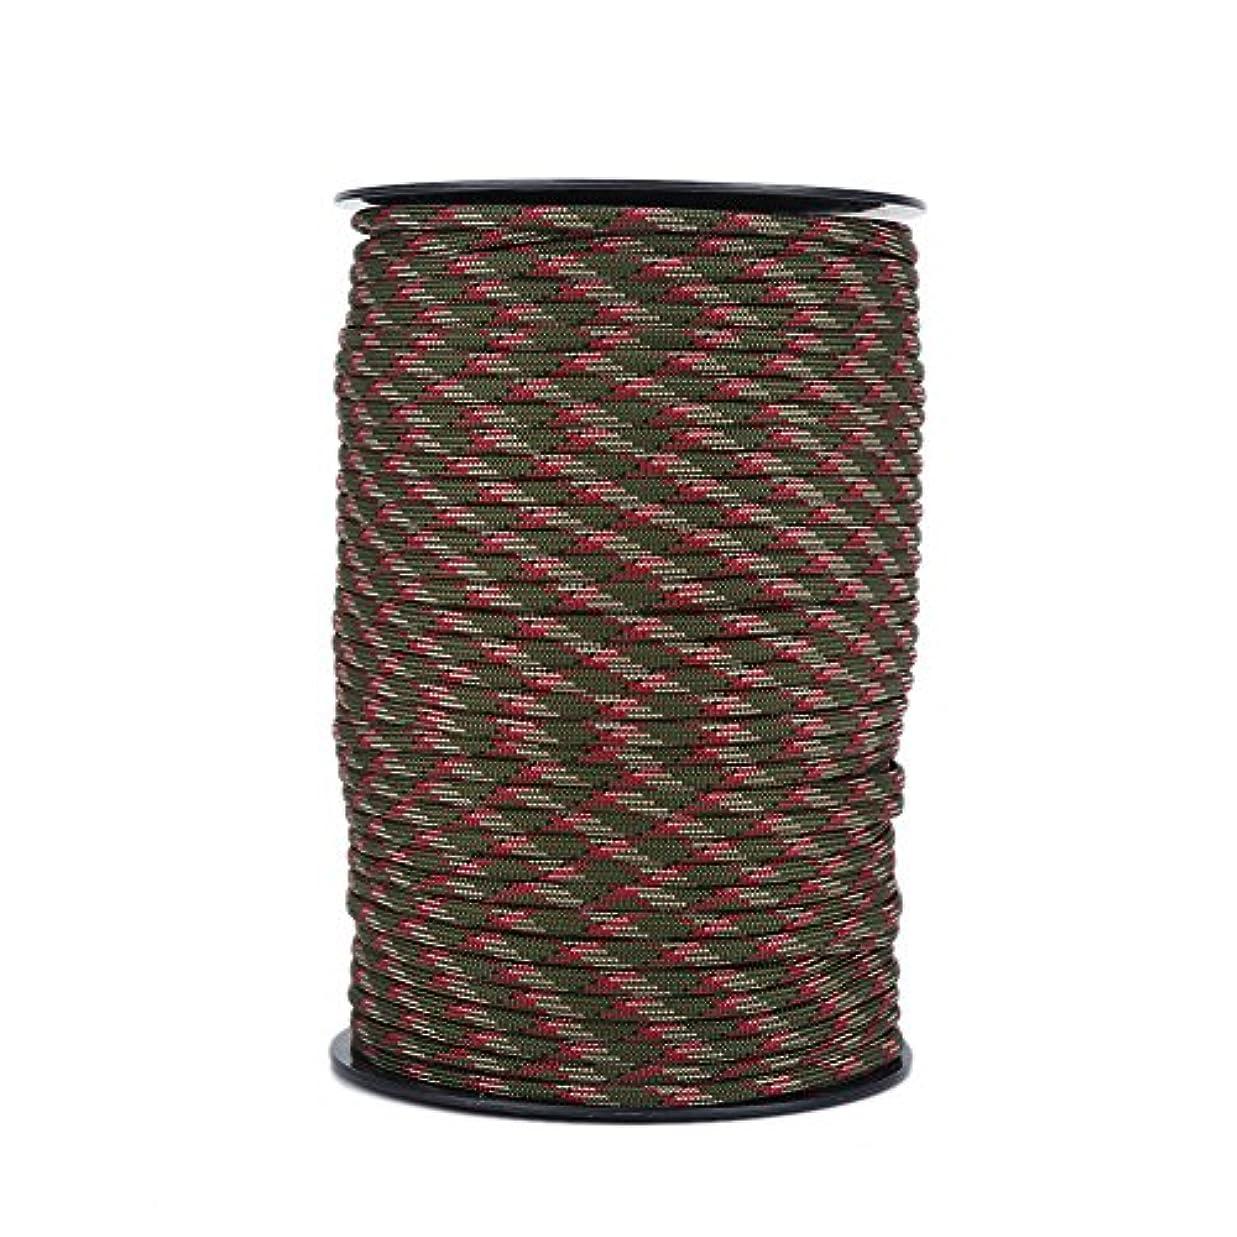 普通にスコア高音パラシュートコード テントロープ ガイロープ 9芯 耐摩耗 長さ100m 多目的 紐 キャンプ用品 テントアクセサリー 色選択可